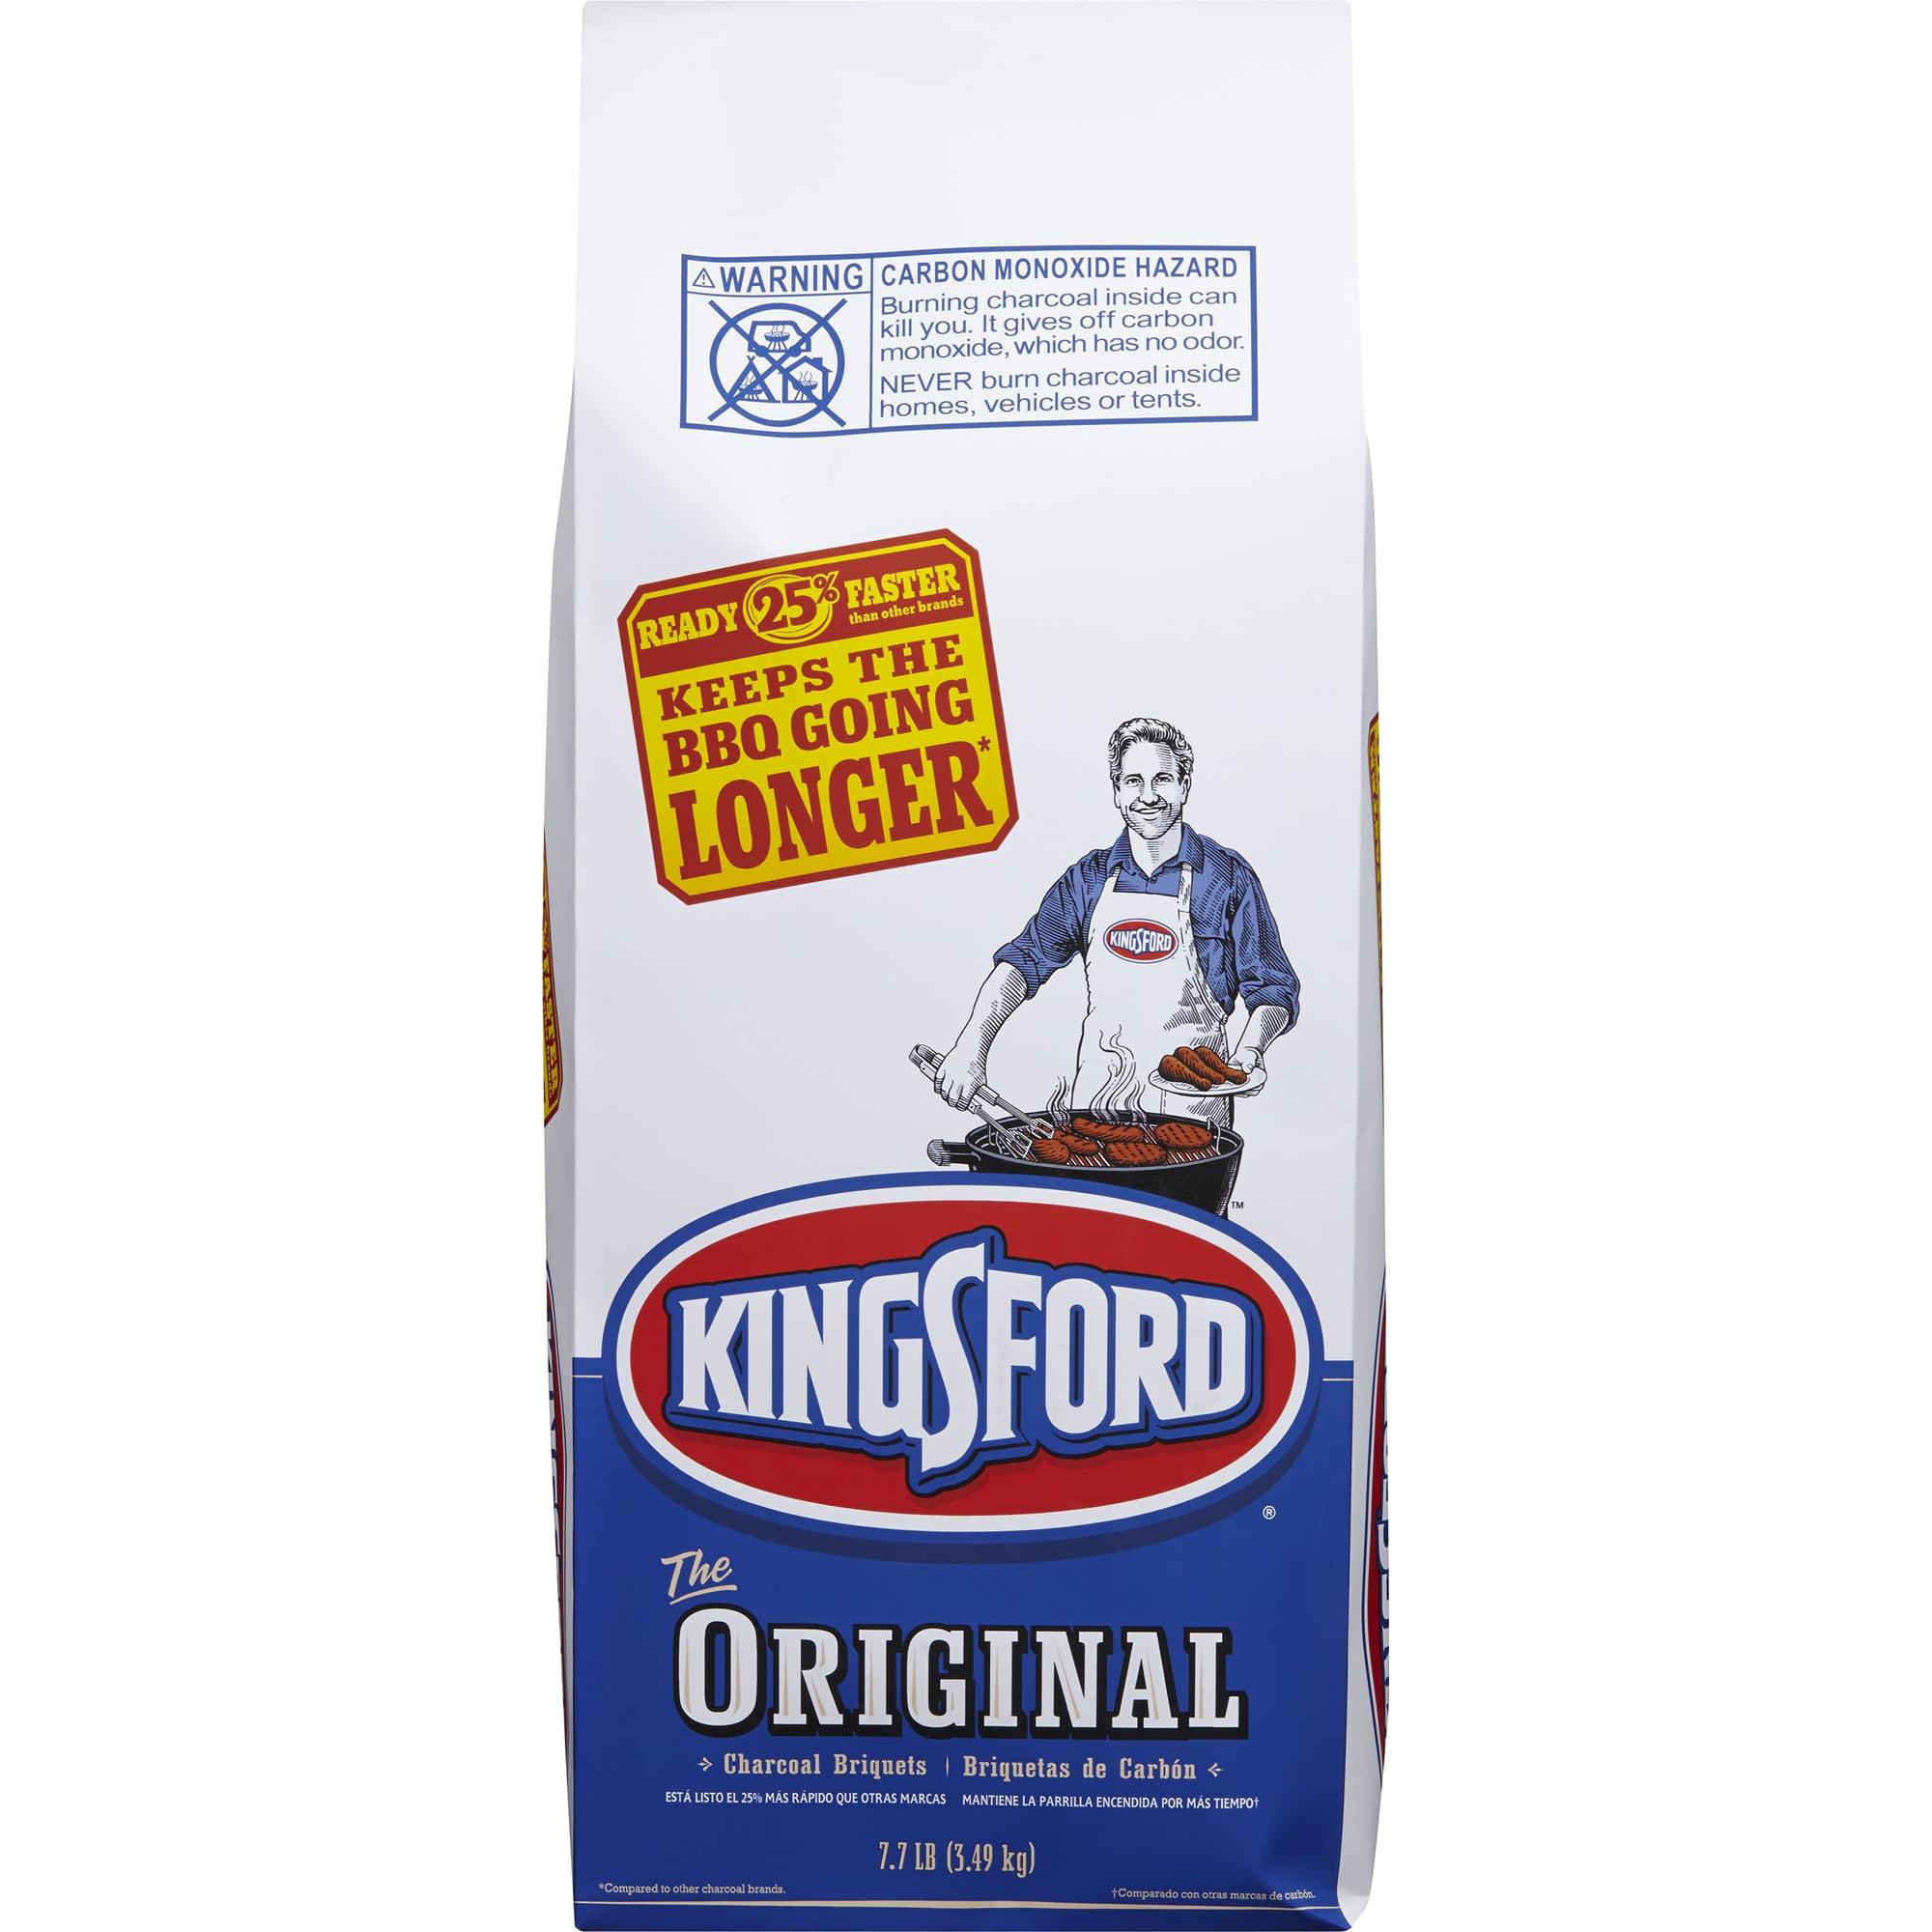 Kingsford Original Charcoal Briquettes, 7.7 lb bag